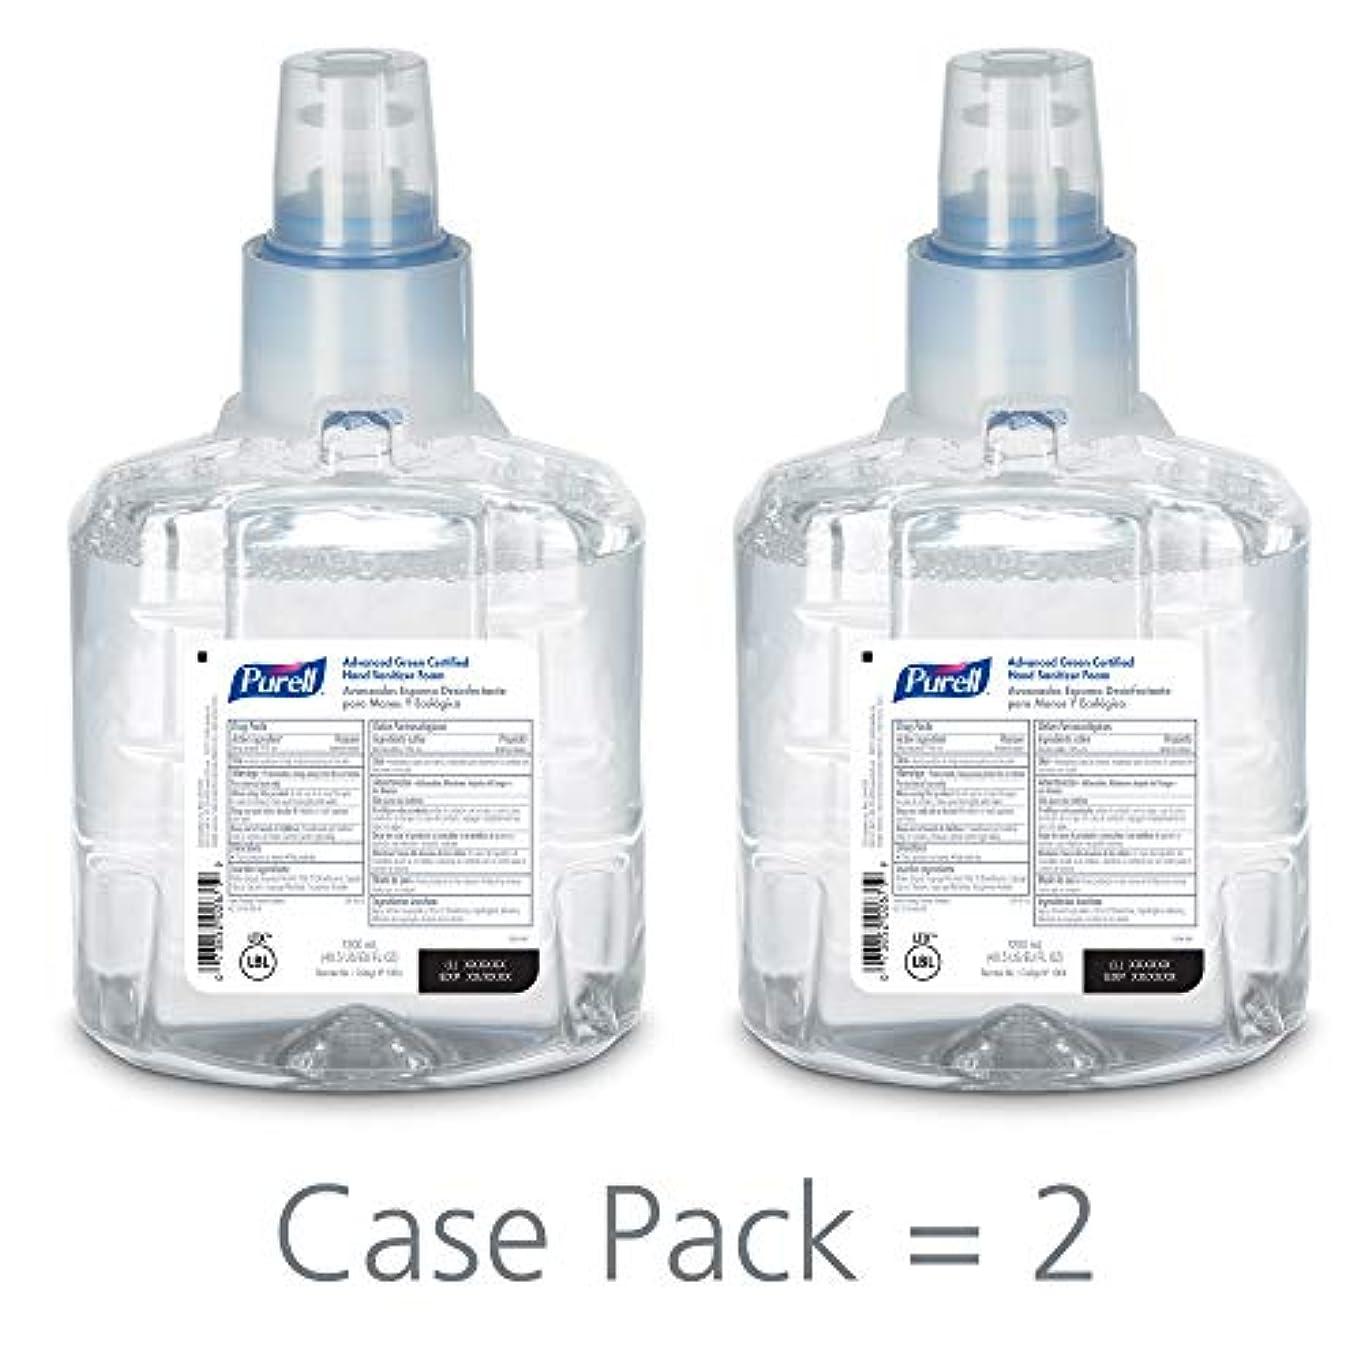 不潔配分フォーカスPURELL 1904-02 1200 mL Advanced Green Certified Instant Hand Sanitizer Foam, LTX-12 Refill (Pack of 2) by Purell